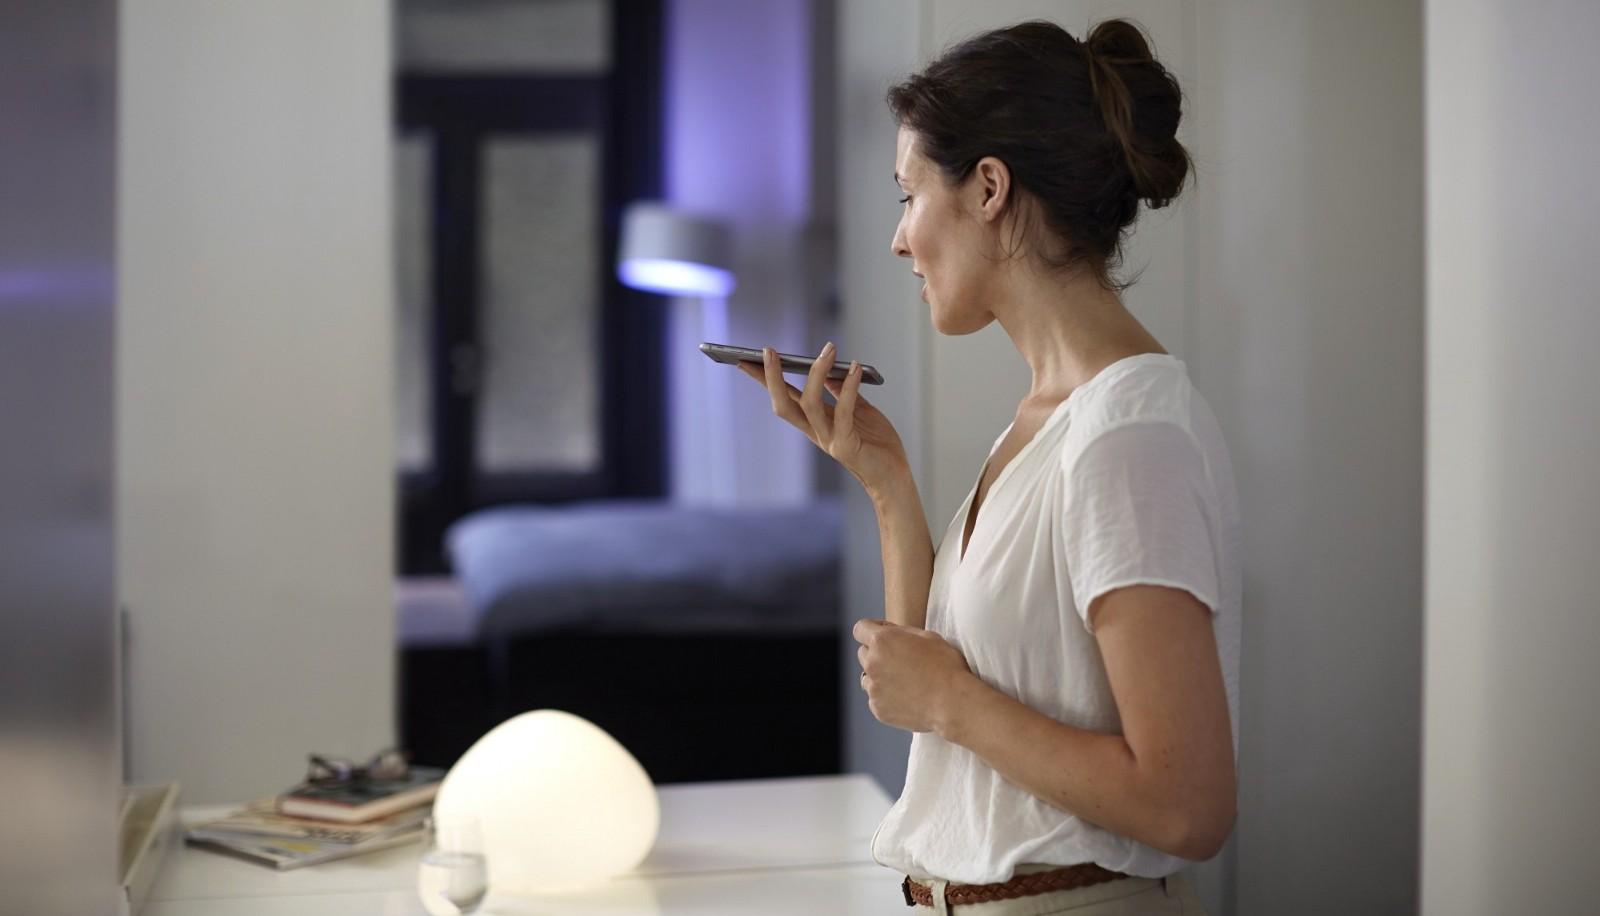 Domotica e casa intelligente: il futuro non è poi così lontano con i giusti strumenti.